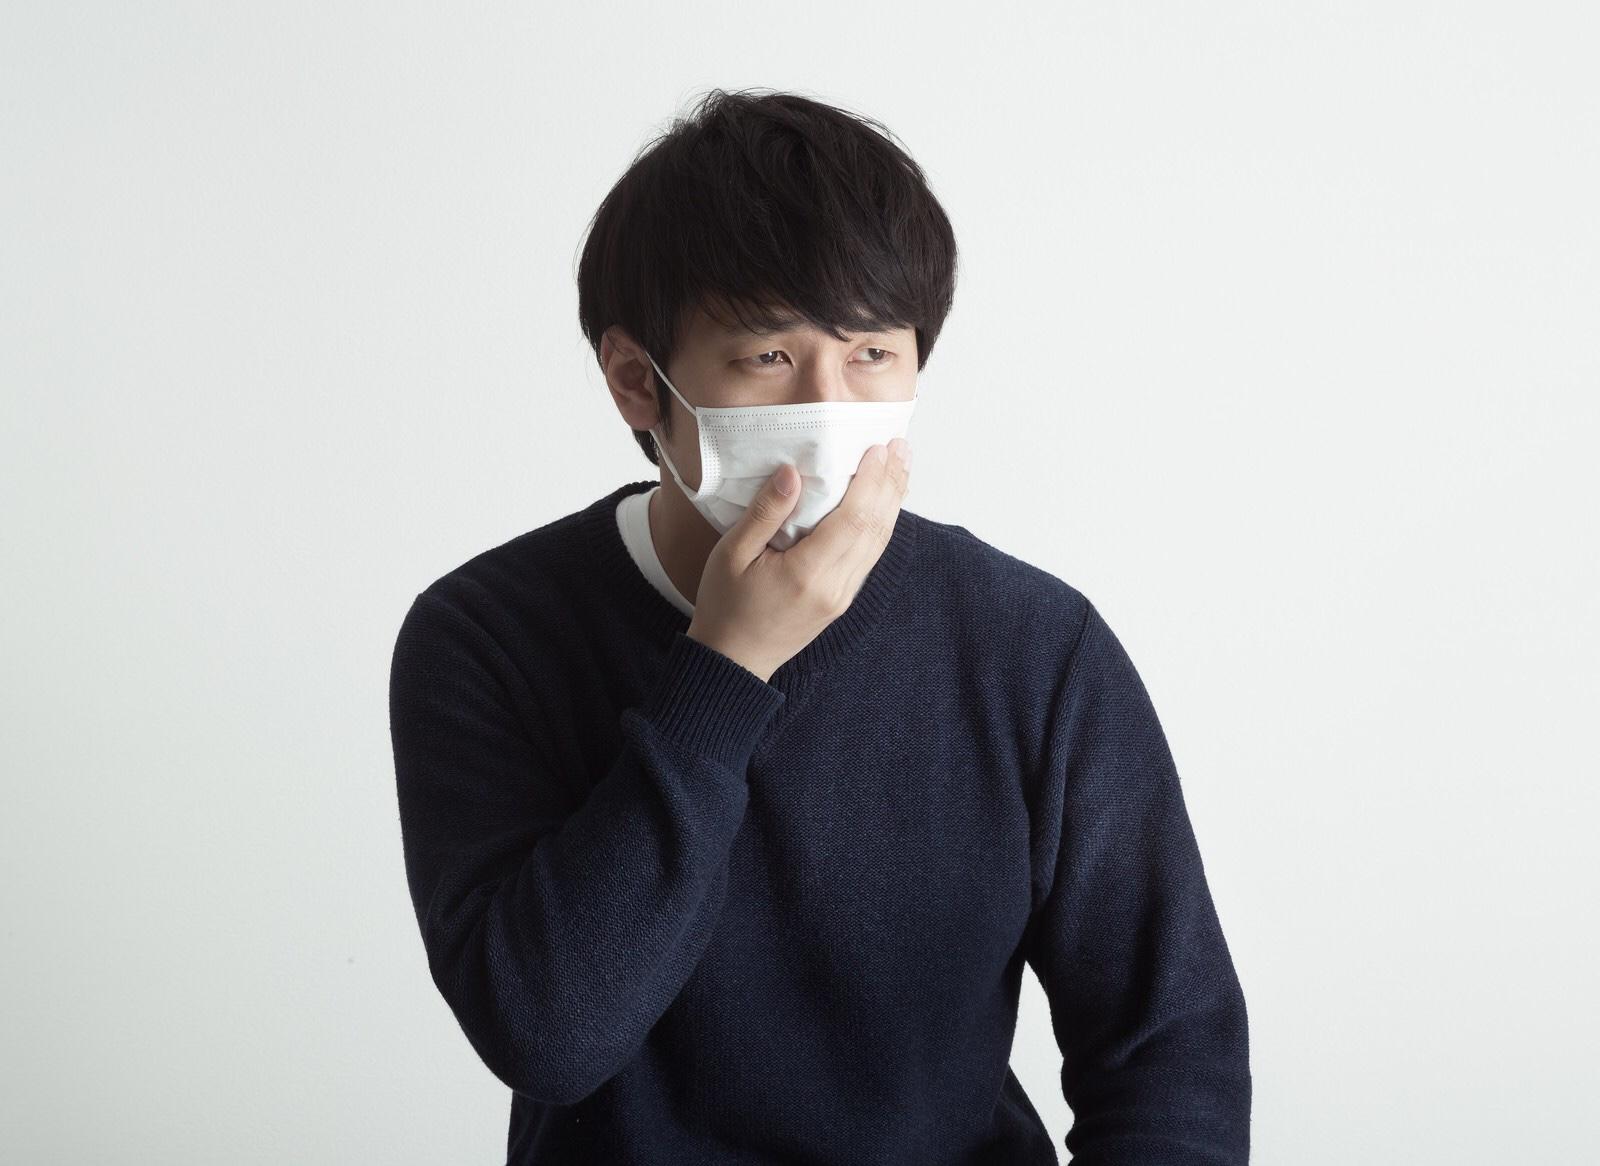 久しぶりに風邪ひきました